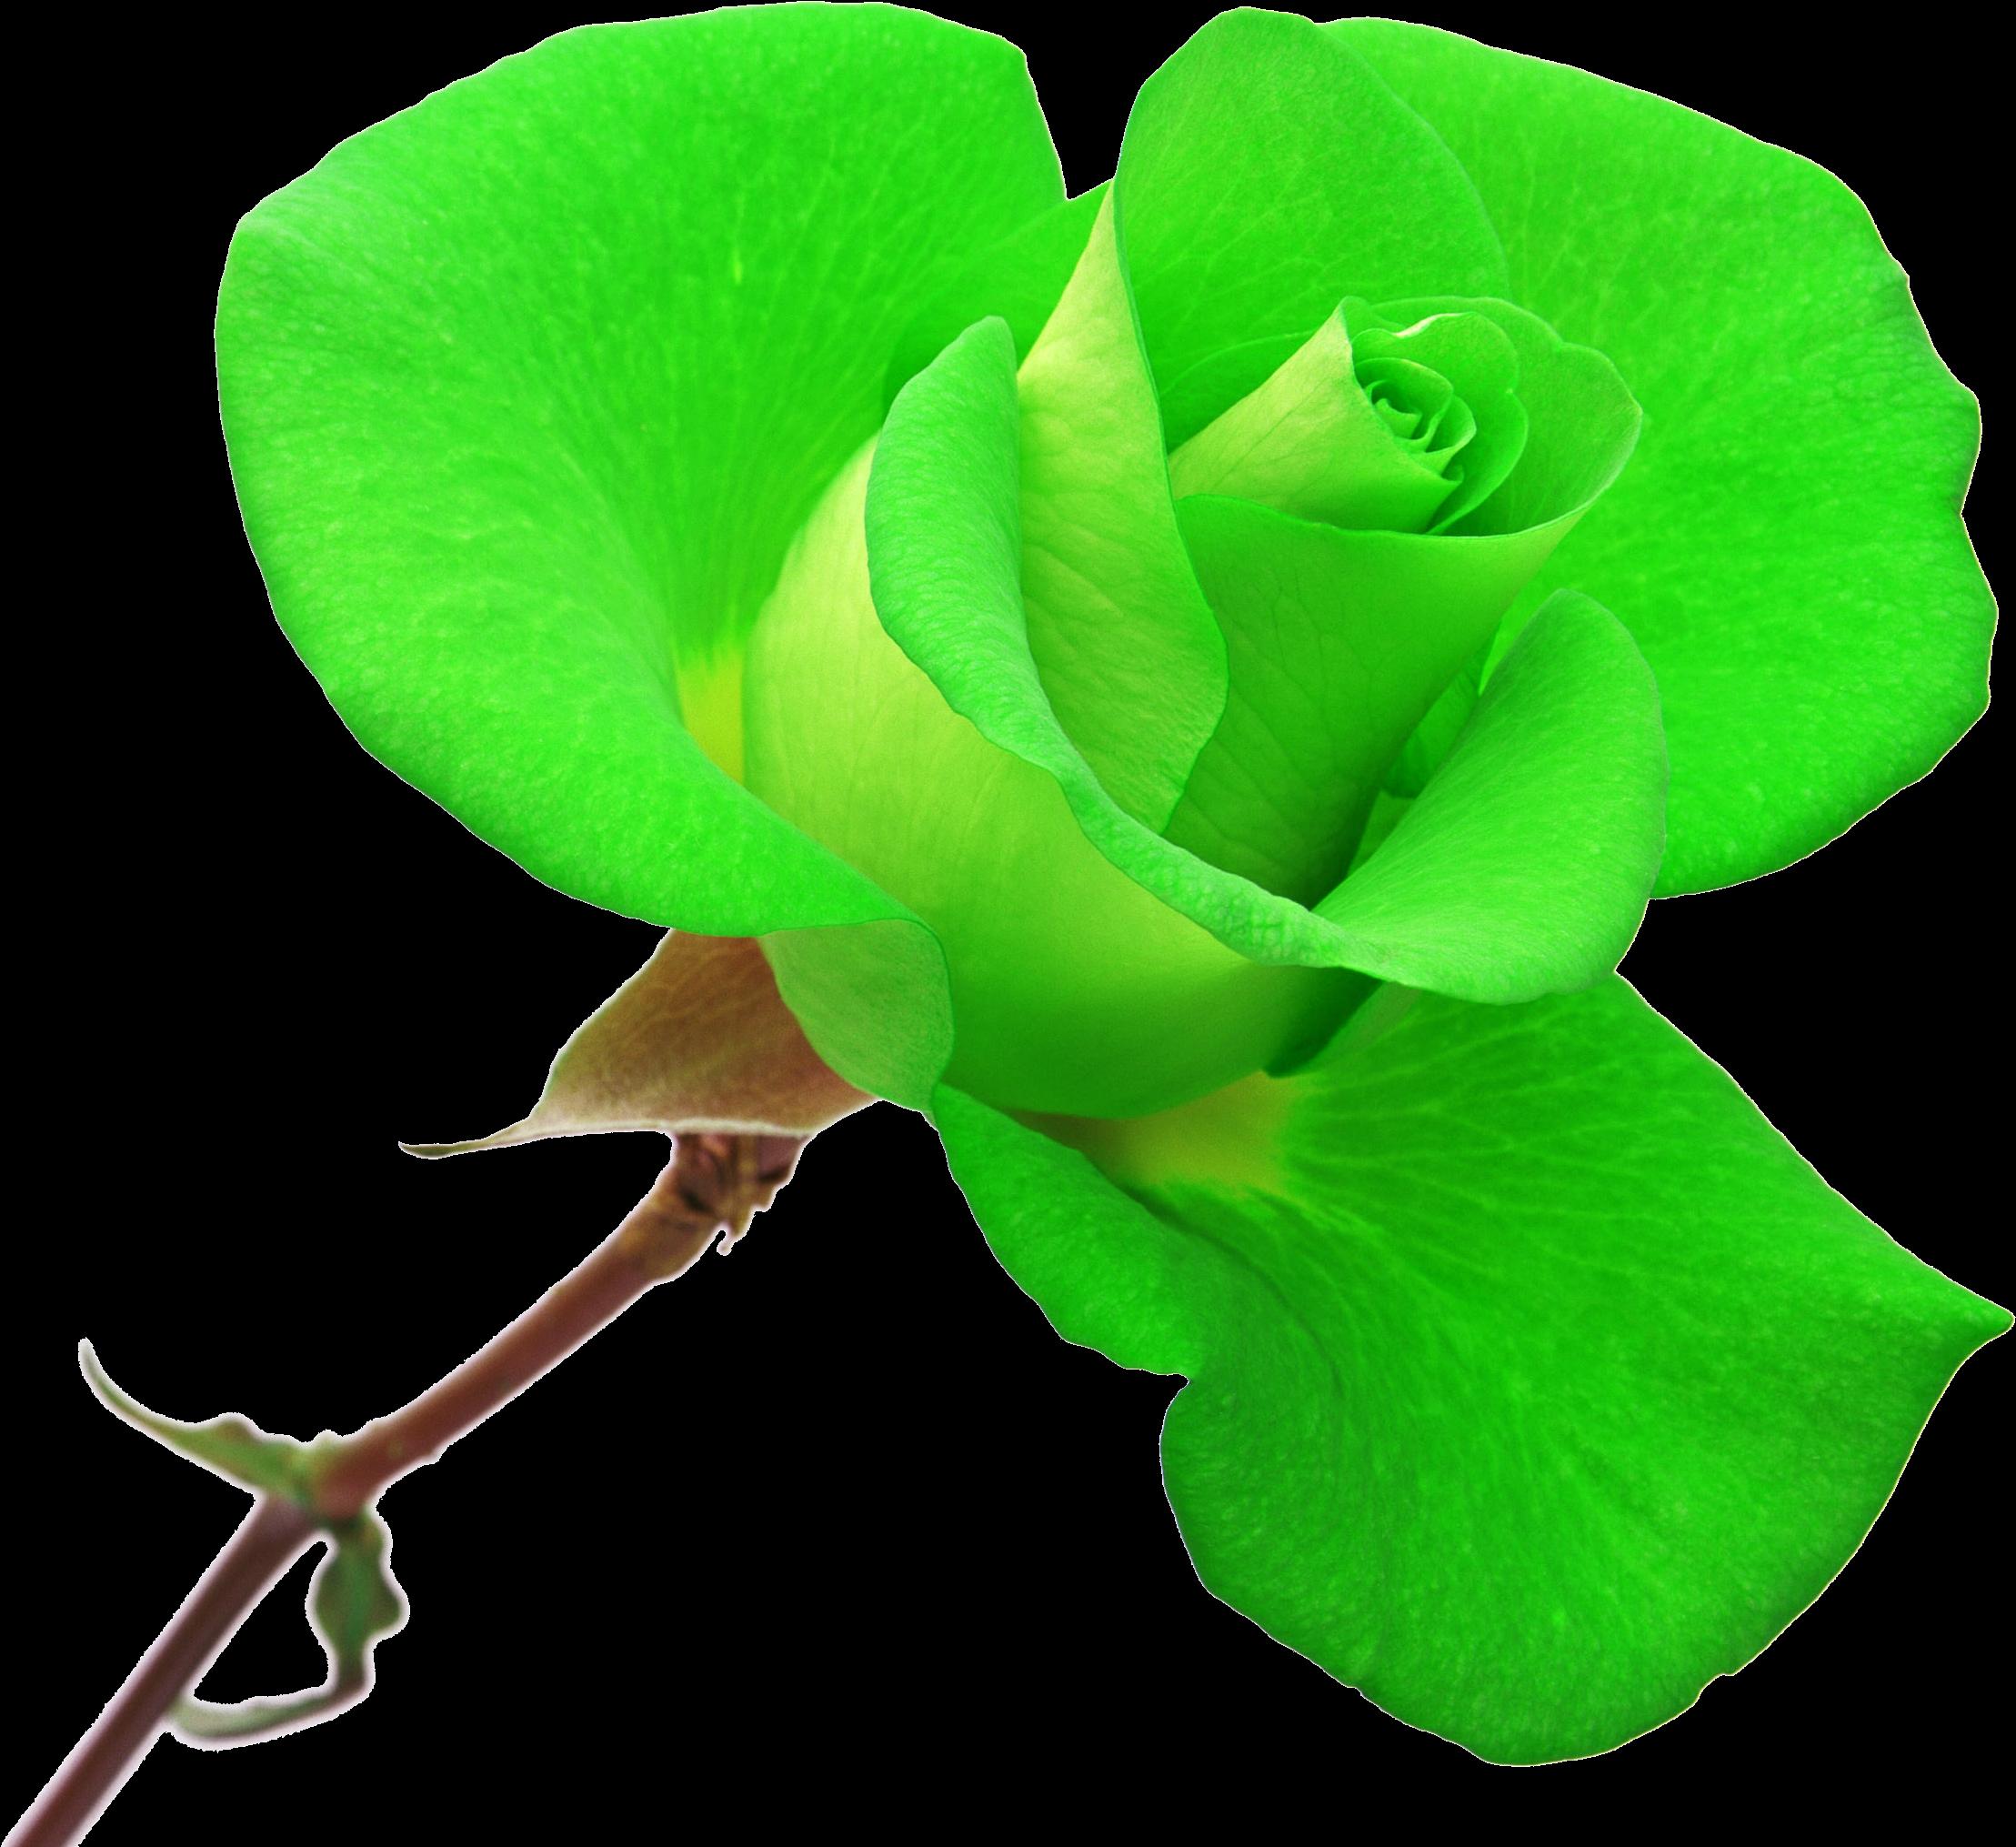 Yukle Yasil Gul Sekilleri Sorgusuna Uygun Resimleri Rose Clipart Full Size Clipart 495280 Pinclipart